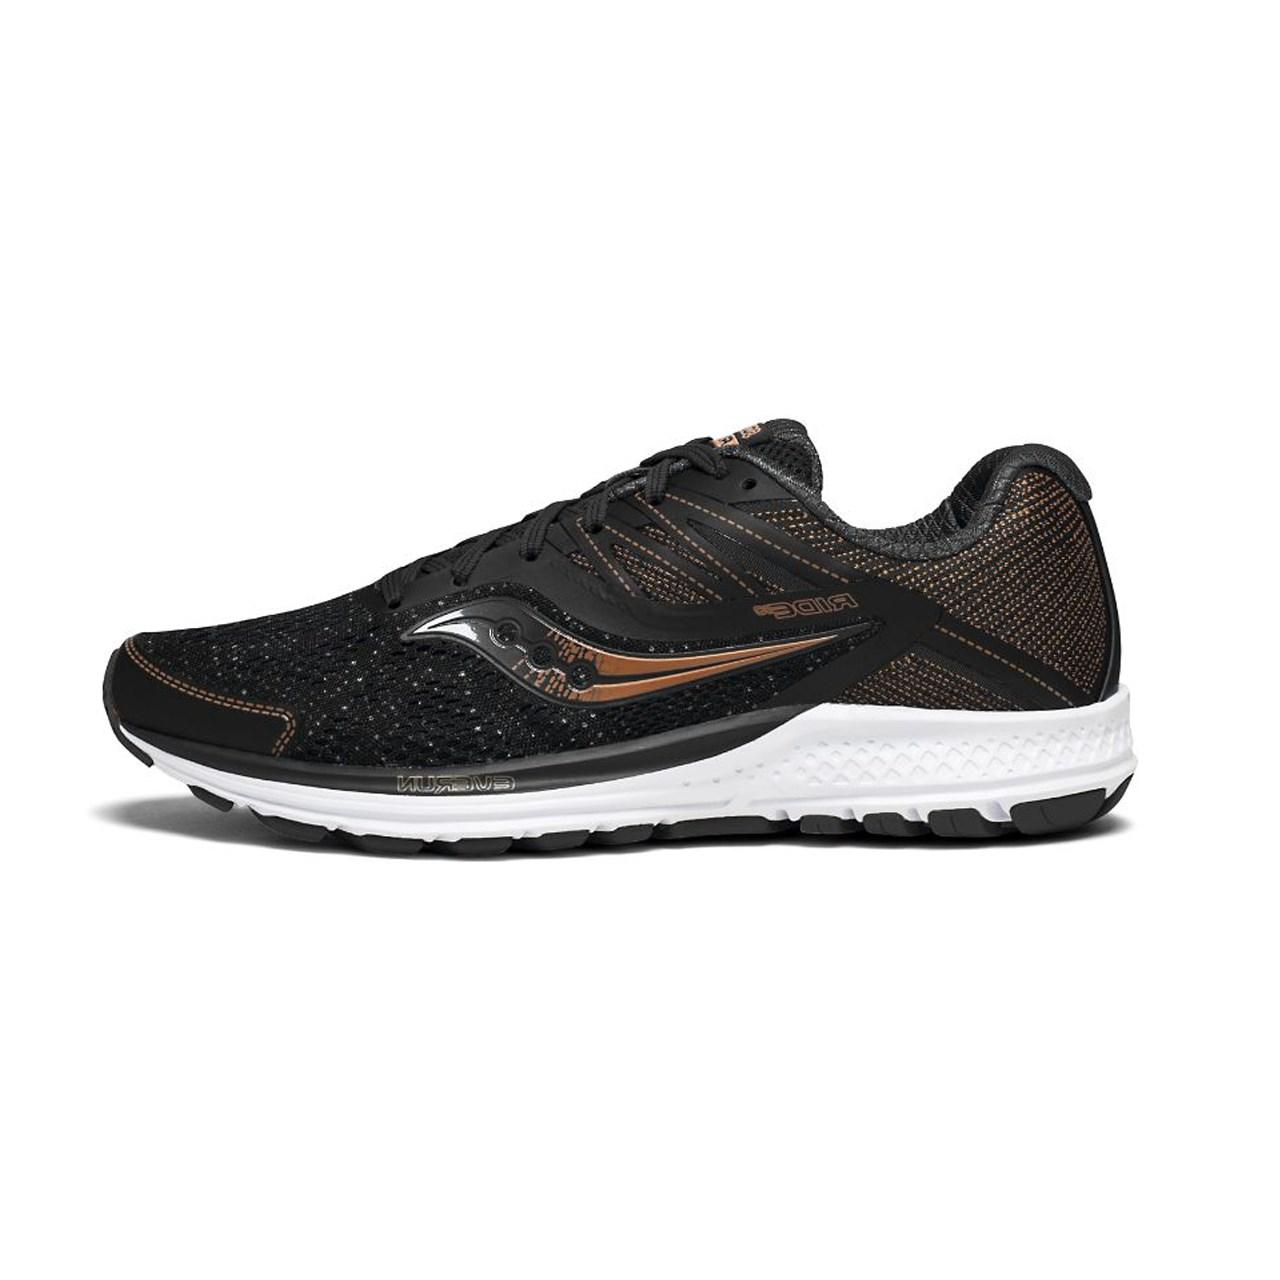 کفش مخصوص دویدن مردانه ساکنی مدل RIDE 10 کد 30-S20373